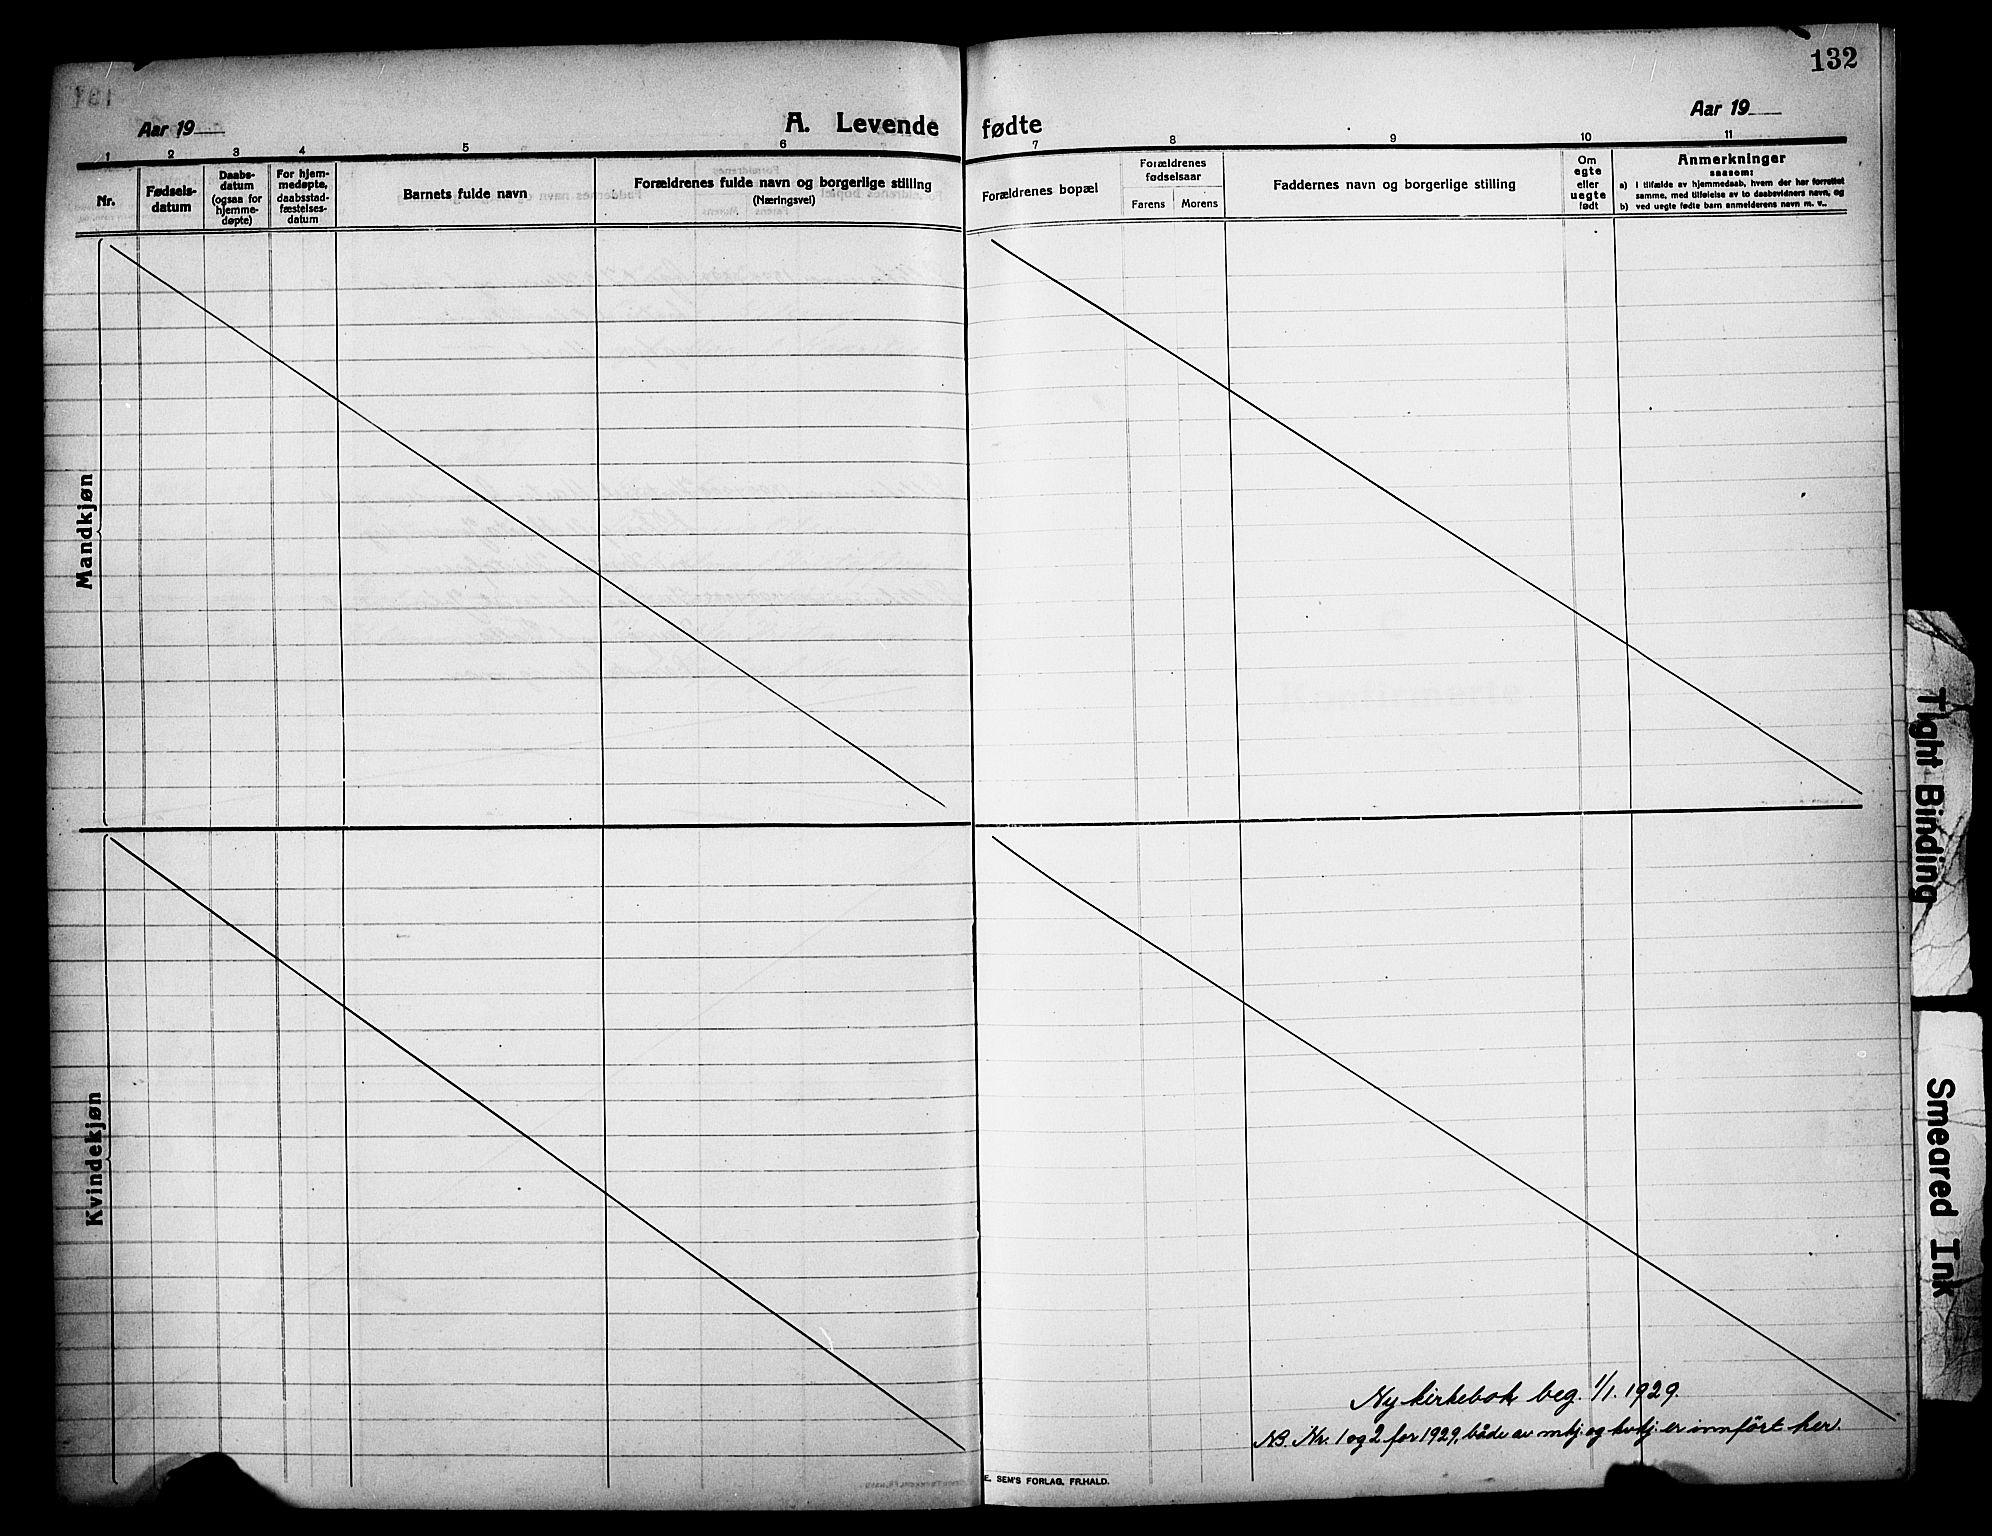 SAH, Lillehammer prestekontor, Klokkerbok nr. 2, 1913-1929, s. 132